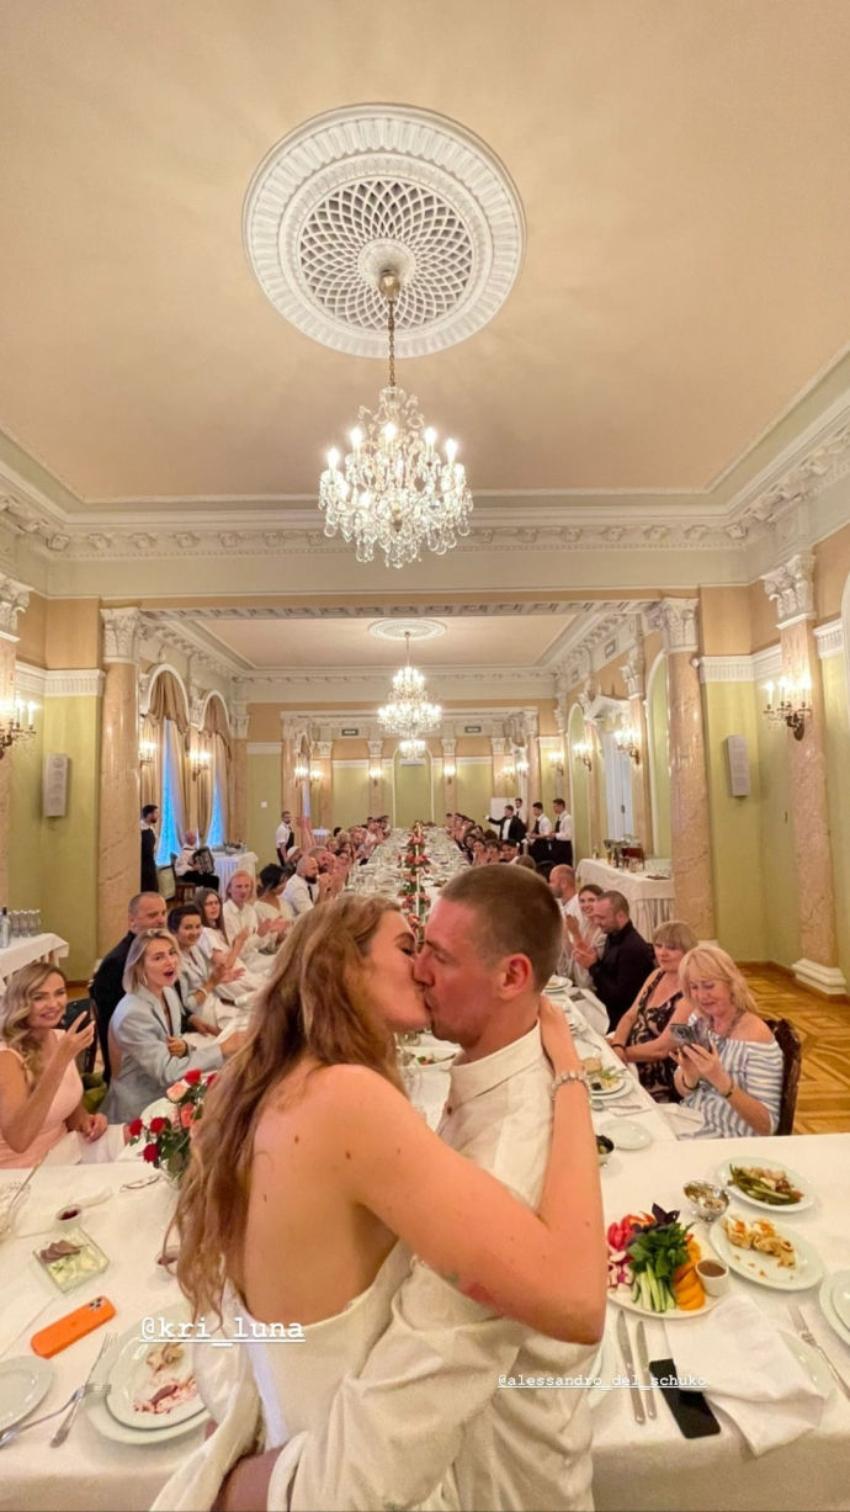 Певица Луна снова вышла замуж